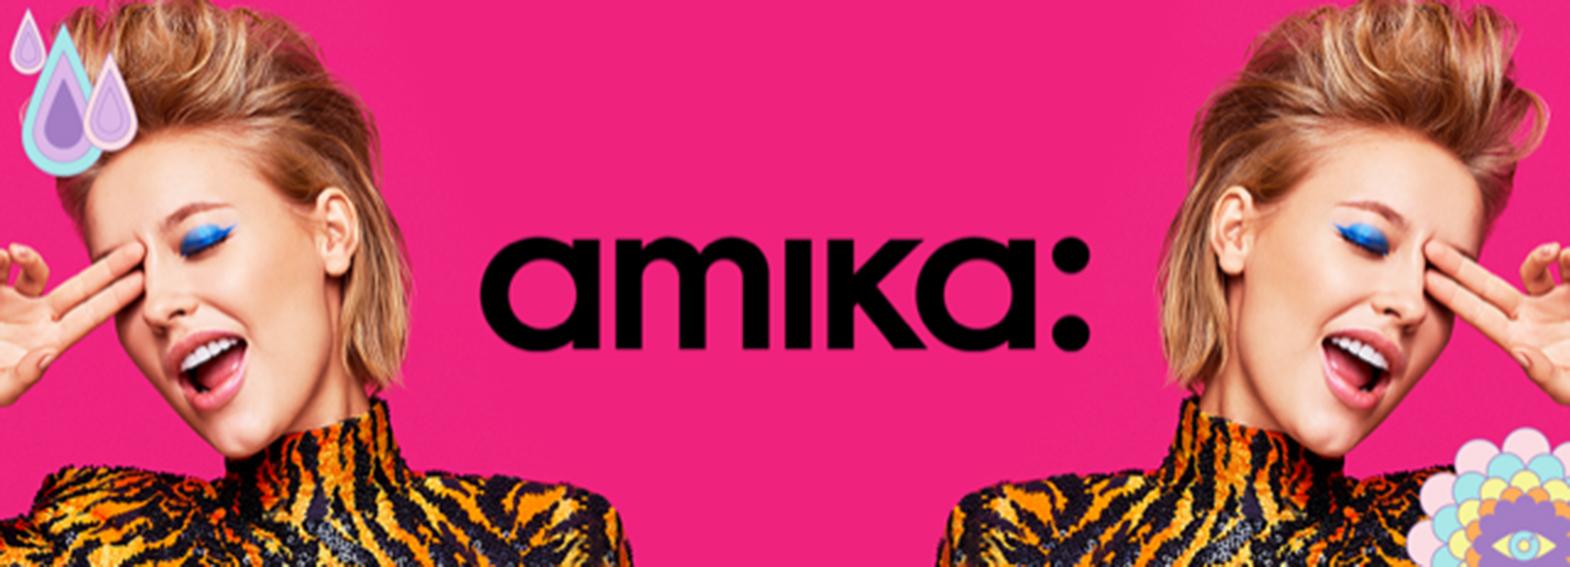 """Bildresultat för amika"""""""